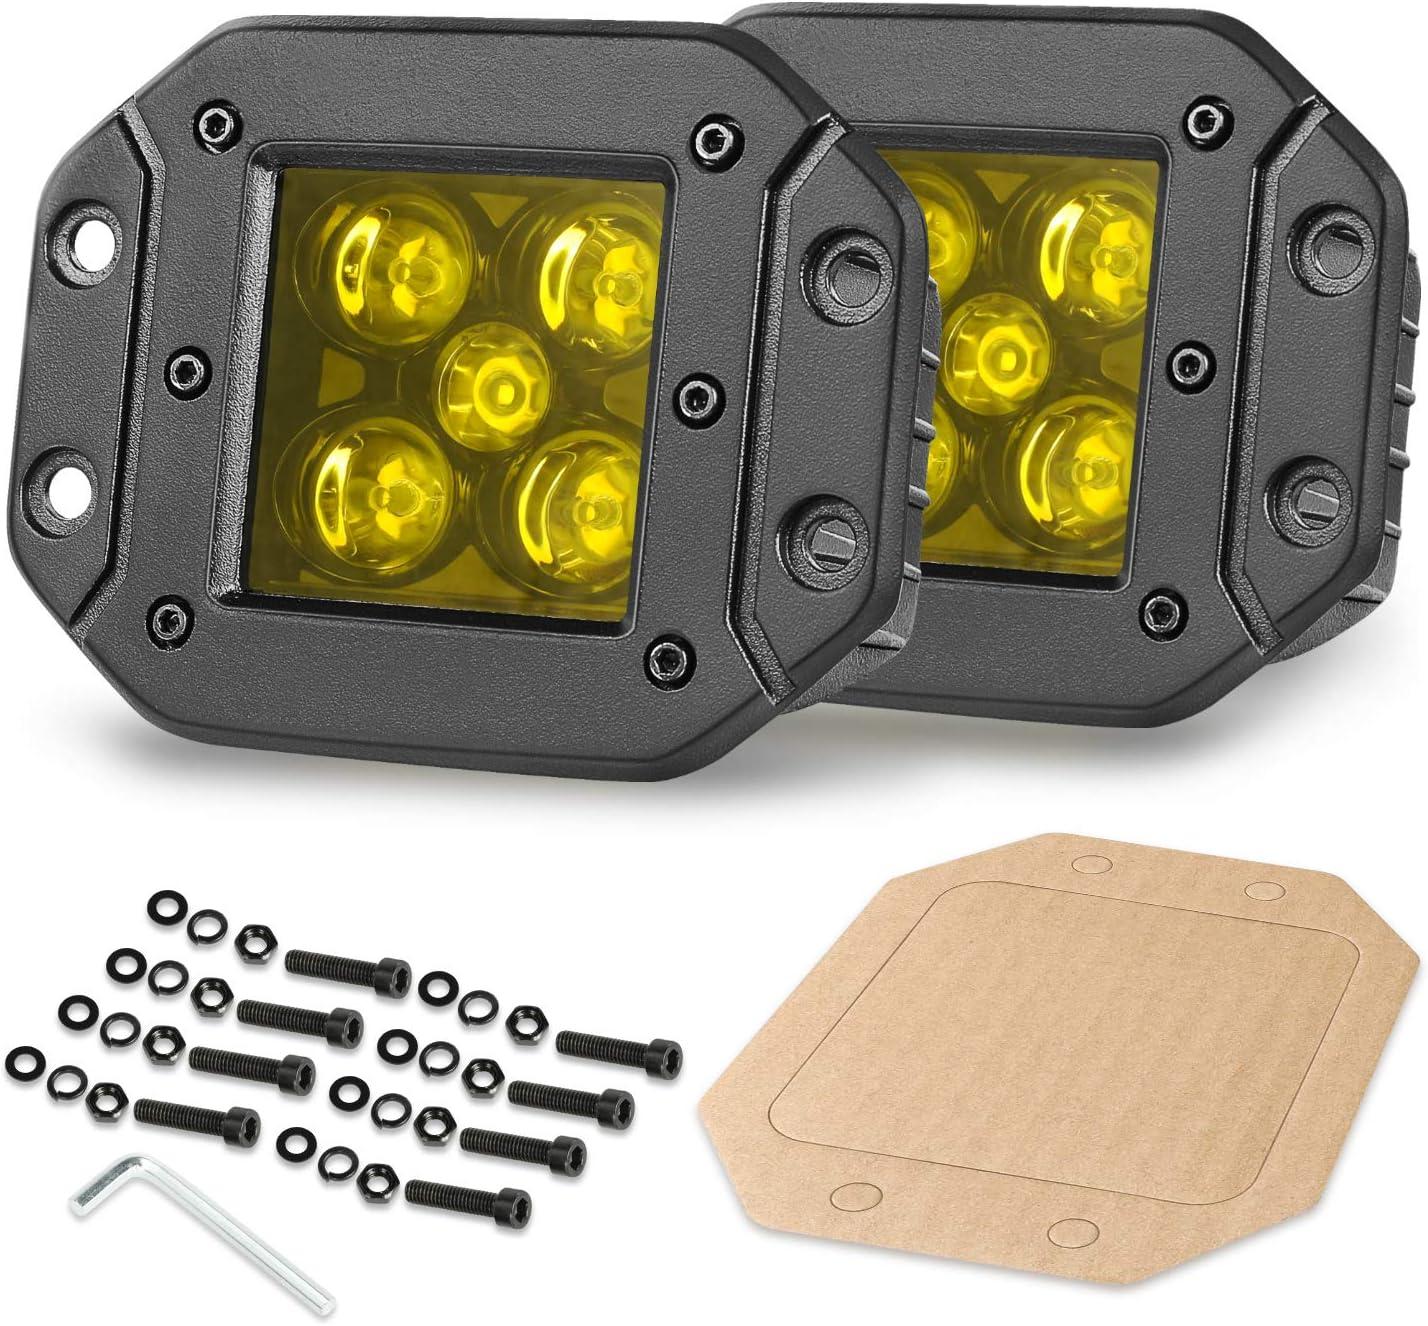 OFFROADTOWN 5inch 100W Flush Mount LED Pods Amber LED Fog Lights LED Cubes Spot Beam Yellow Flush LED Work Light Off Road LED Driving Light for Truck SUV ATV UTV Marine